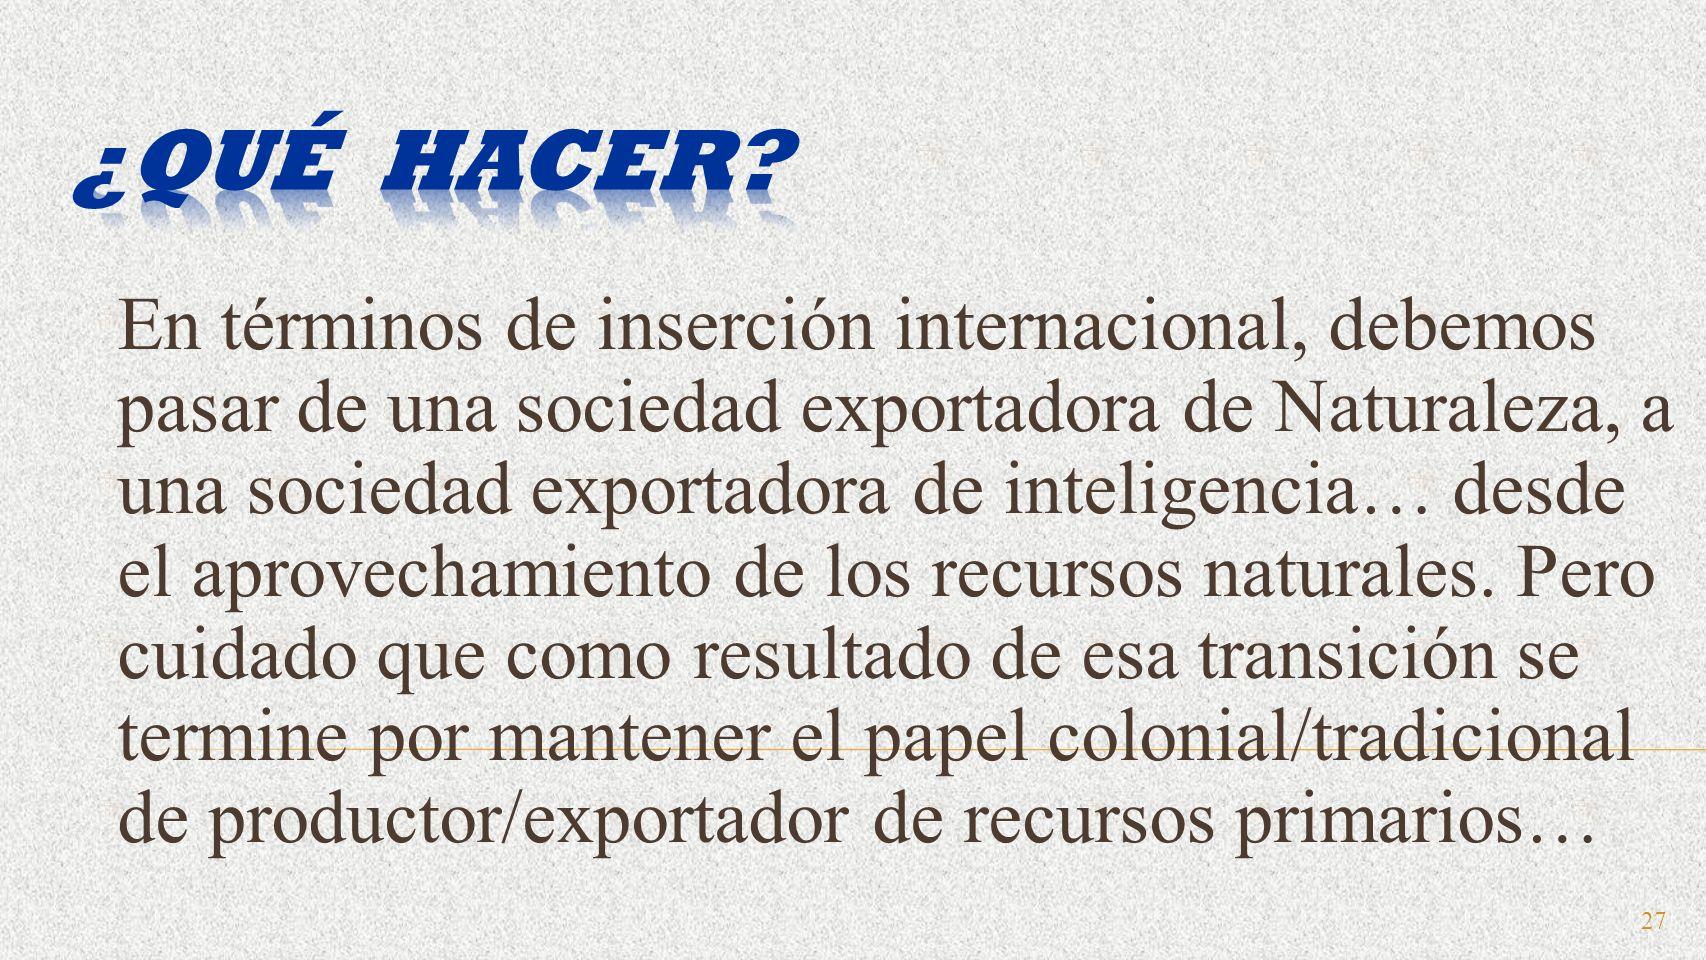 27 En términos de inserción internacional, debemos pasar de una sociedad exportadora de Naturaleza, a una sociedad exportadora de inteligencia… desde el aprovechamiento de los recursos naturales.